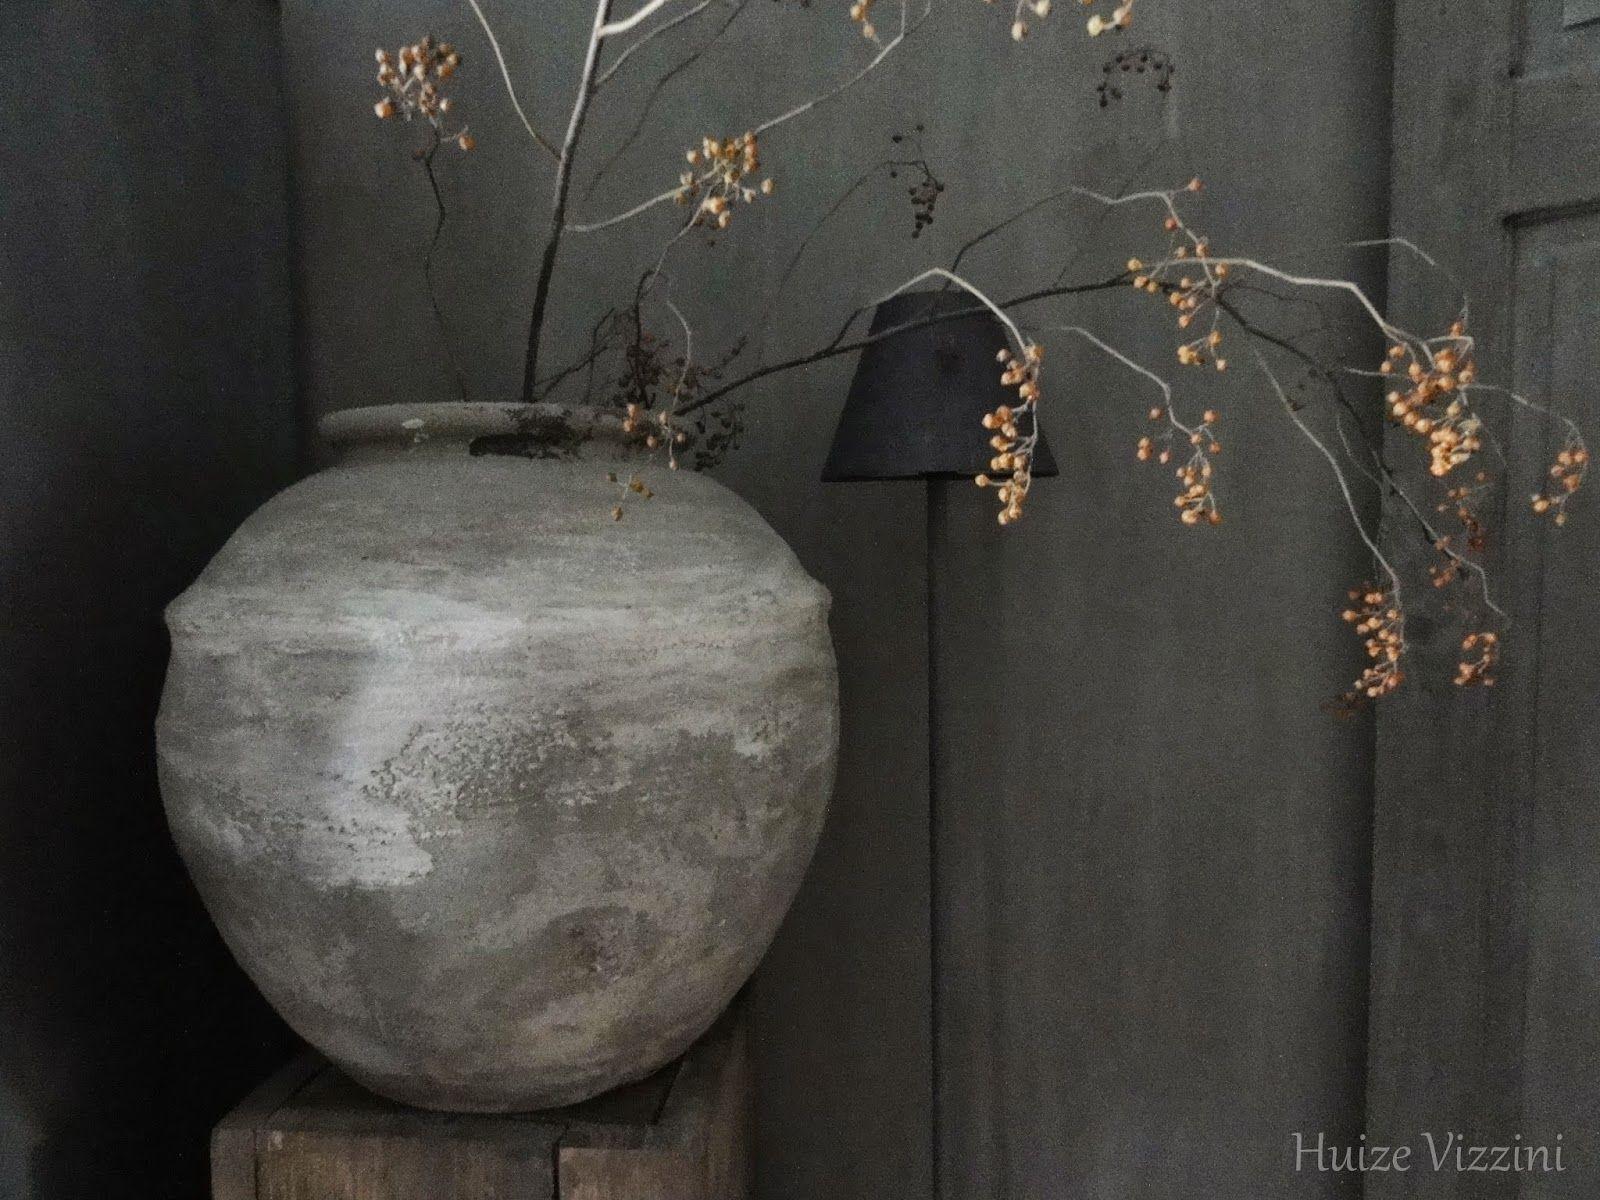 Verf on pinterest annie sloan met and shabby chic furniture - Kleur van de muur kamer verf ...